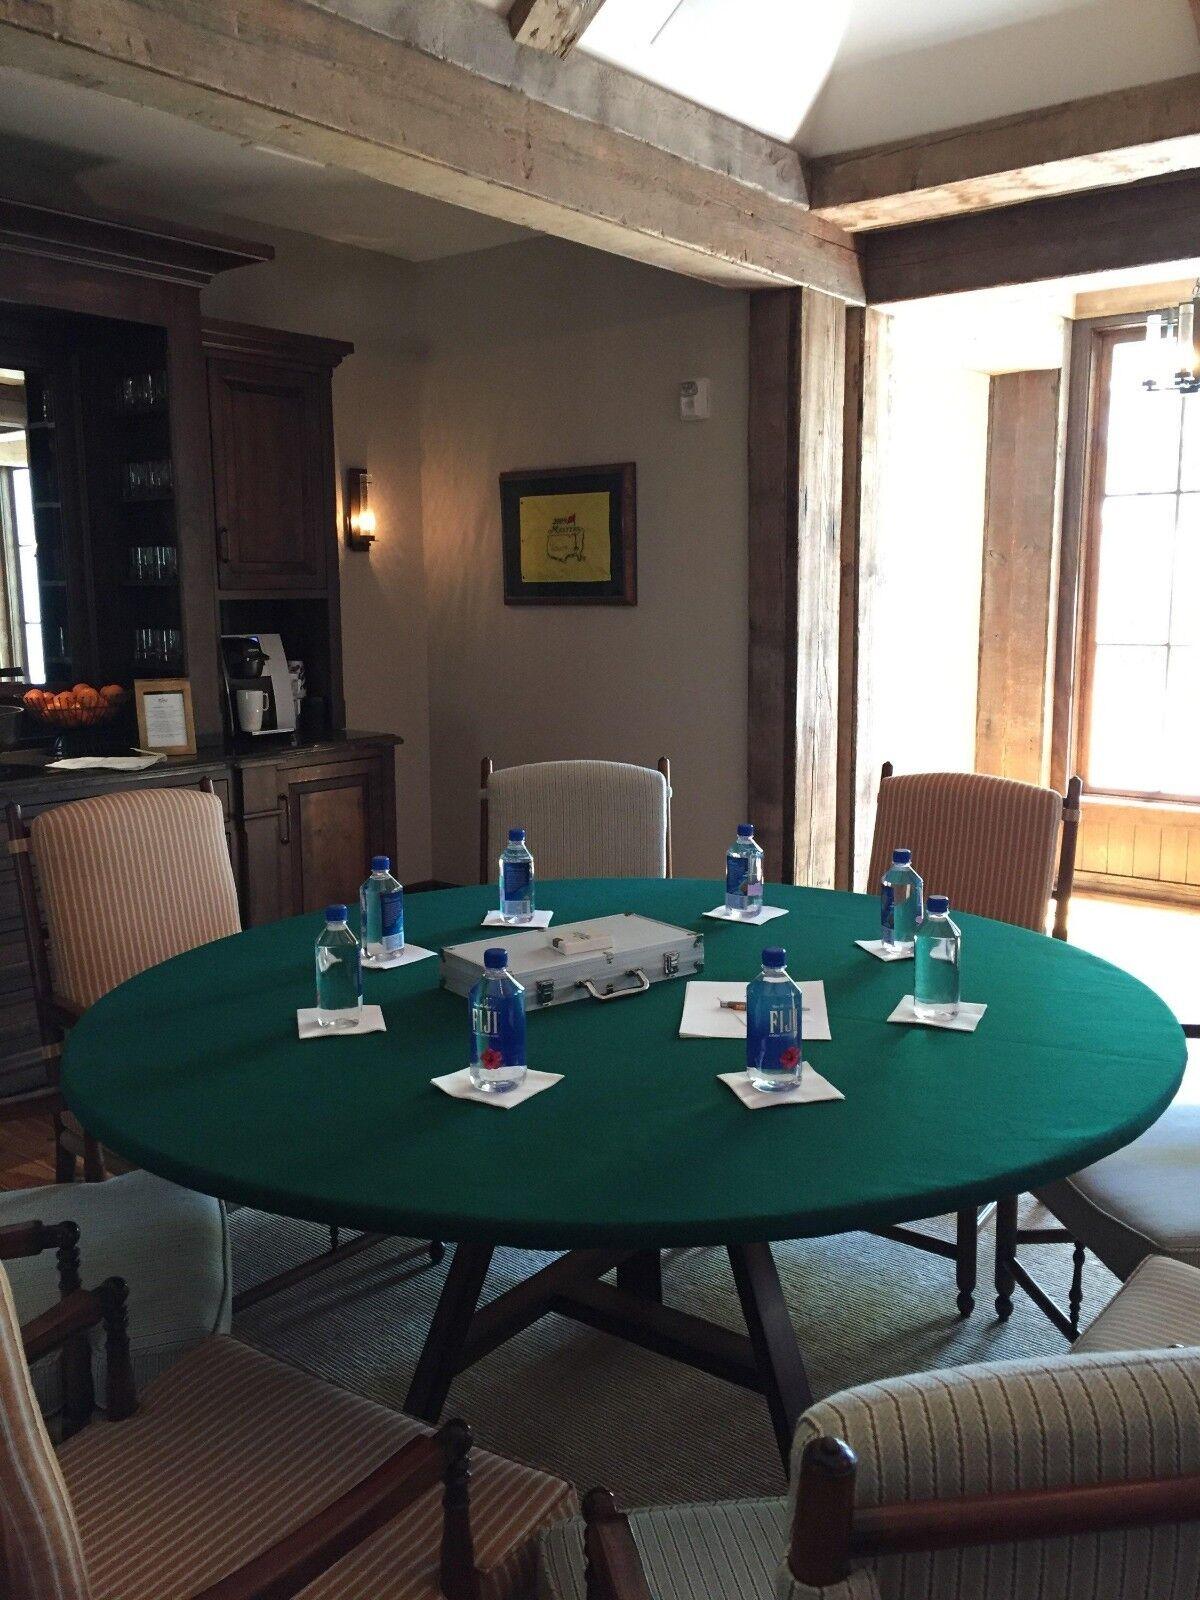 Kupit Green Poker Felt Table Cover Fits 48 Na Aukcion Iz Ameriki S Dostavkoj V Rossiyu Ukrainu Kazahstan